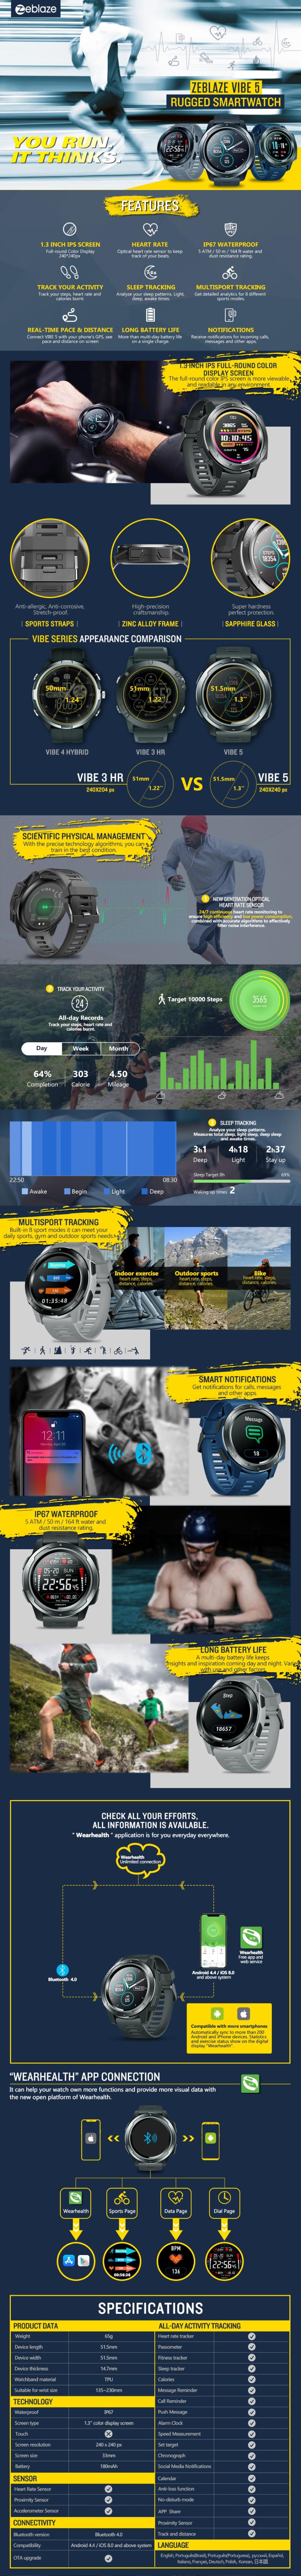 купить часы Zeblaze VIBE 5 в украине